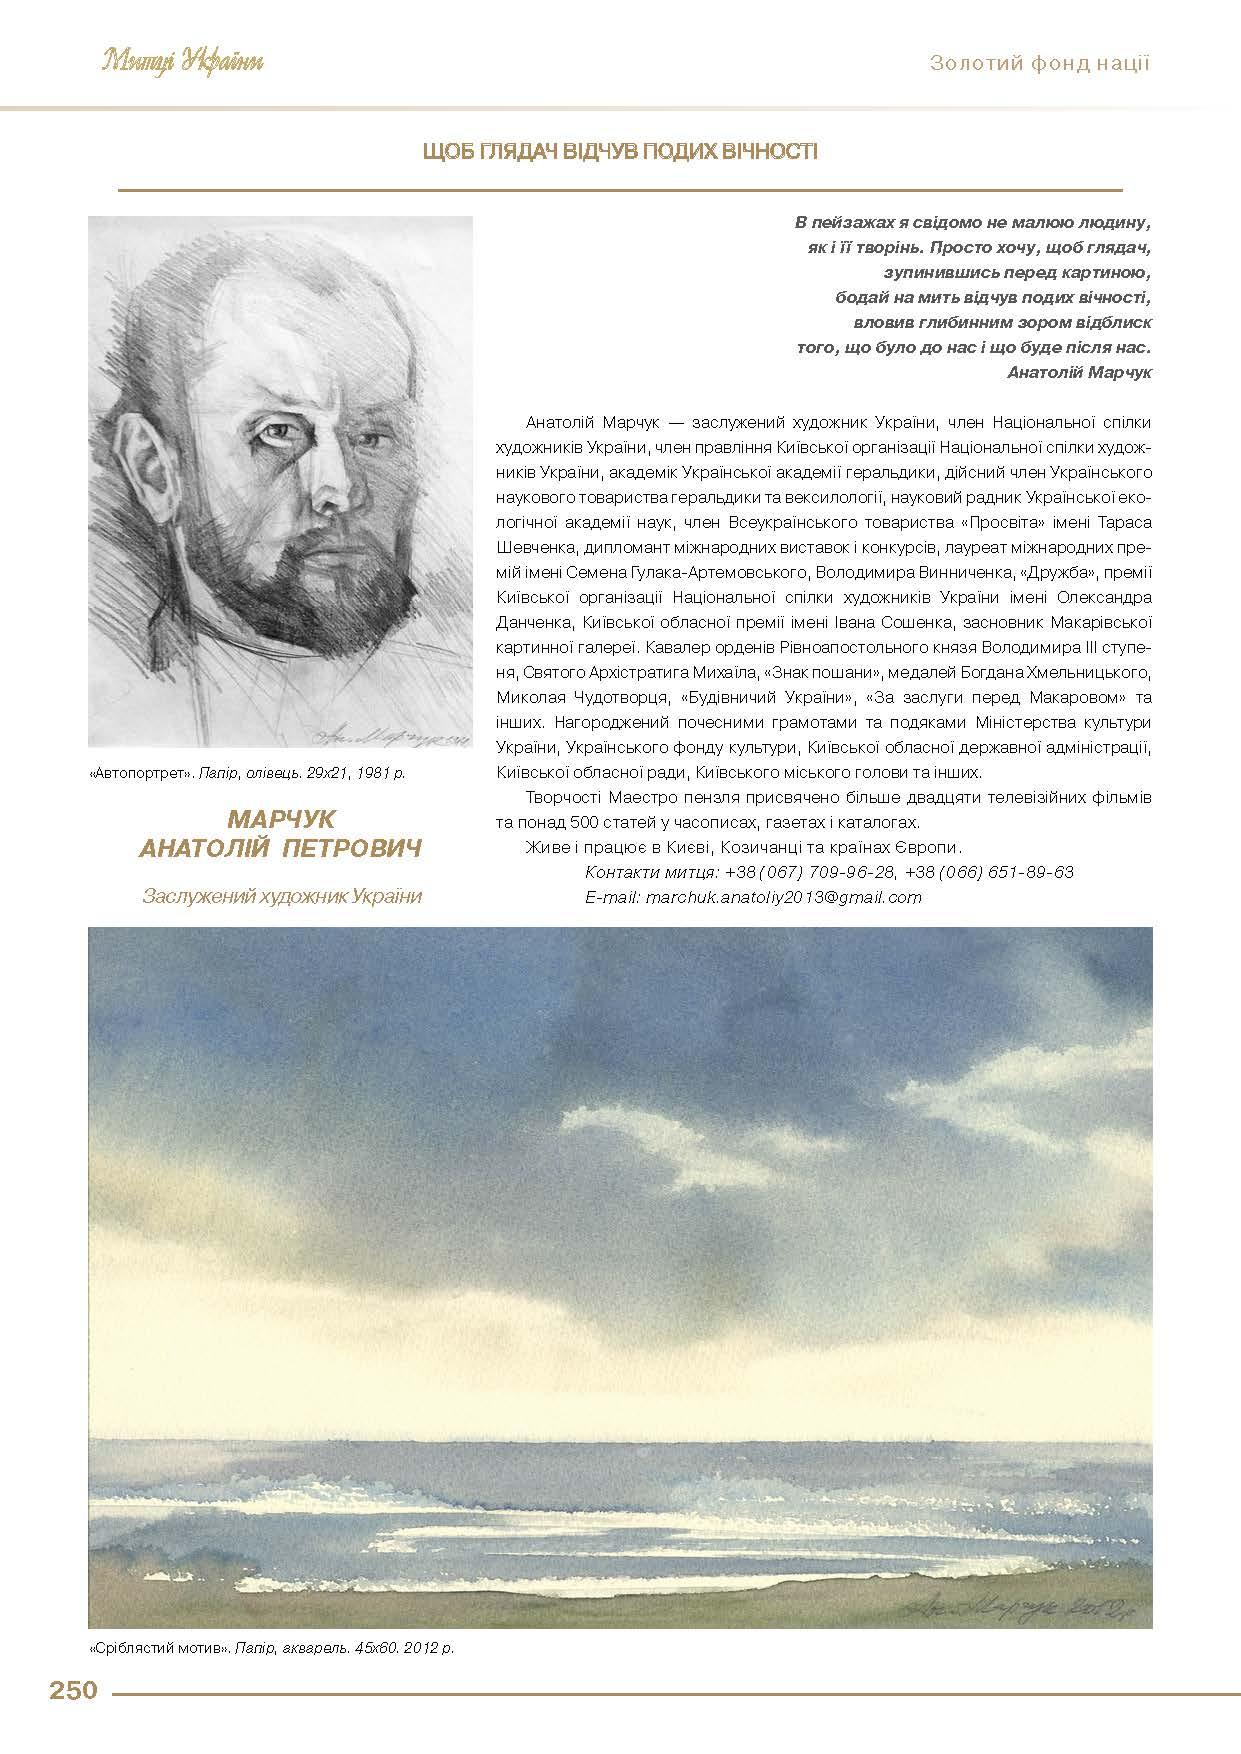 Марчук Анатолій Петрович